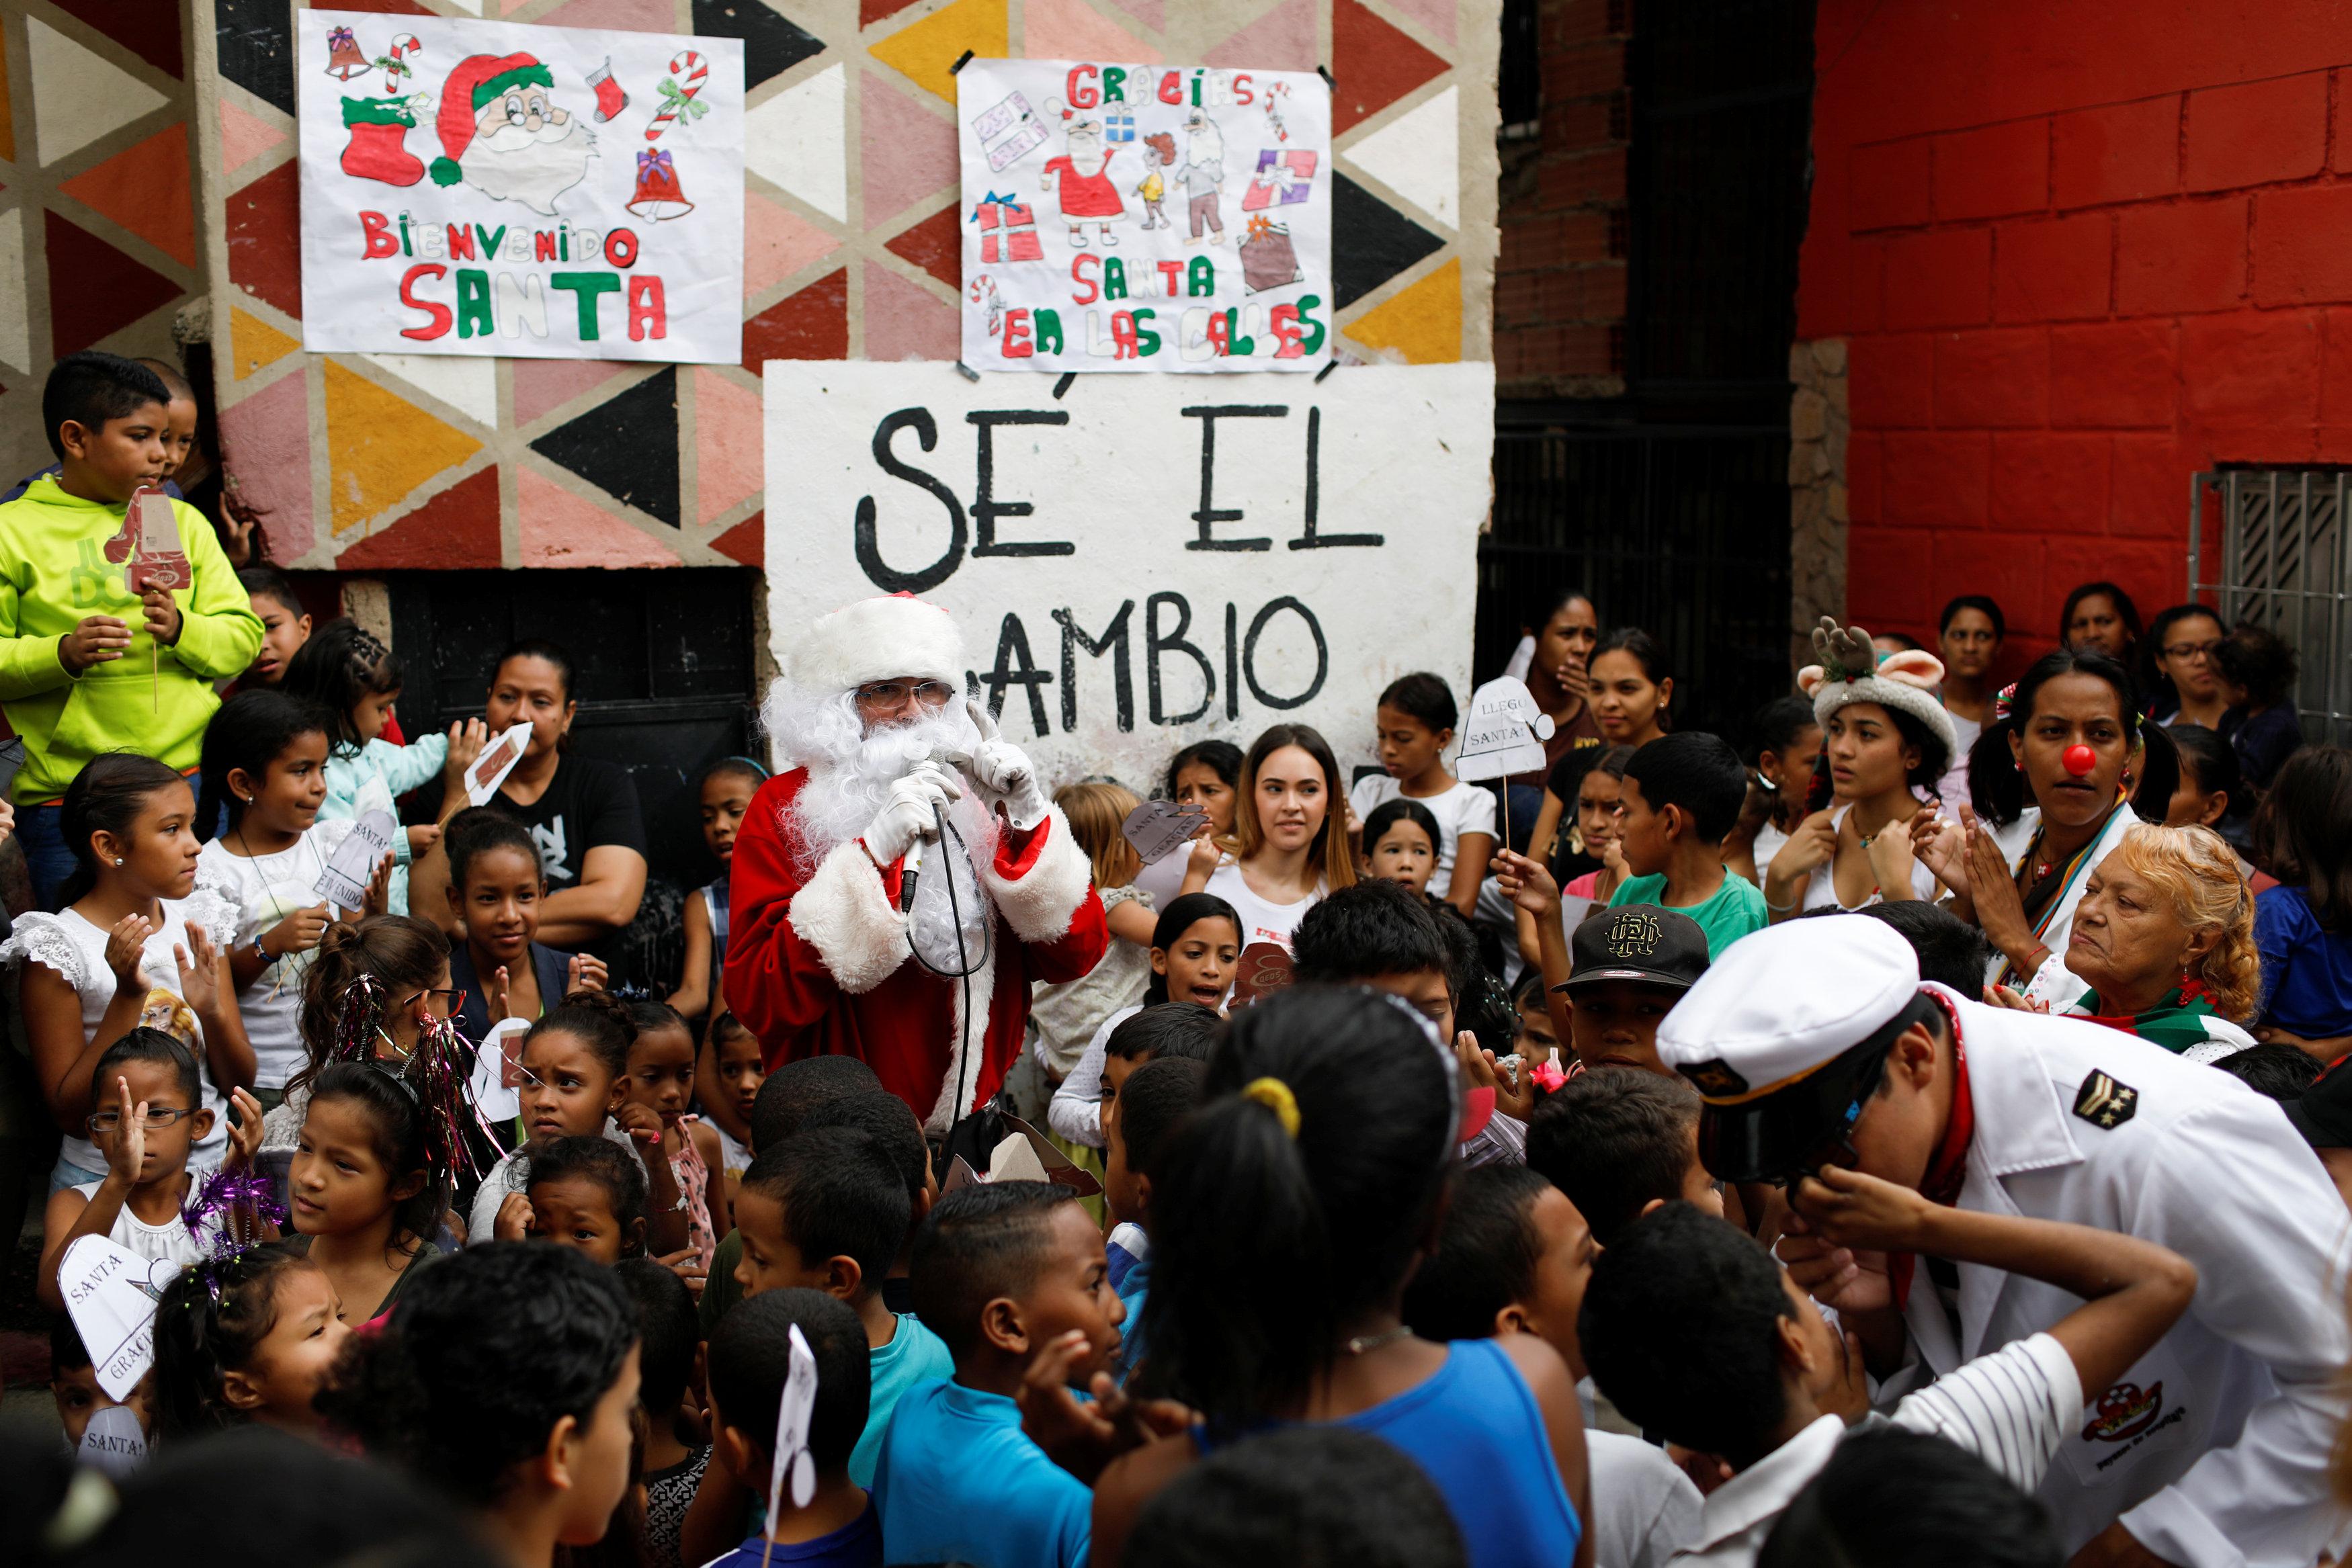 بابا نويل يتجول فى فنزويلا حاملا الهدايا لأطفال المدارس (2)